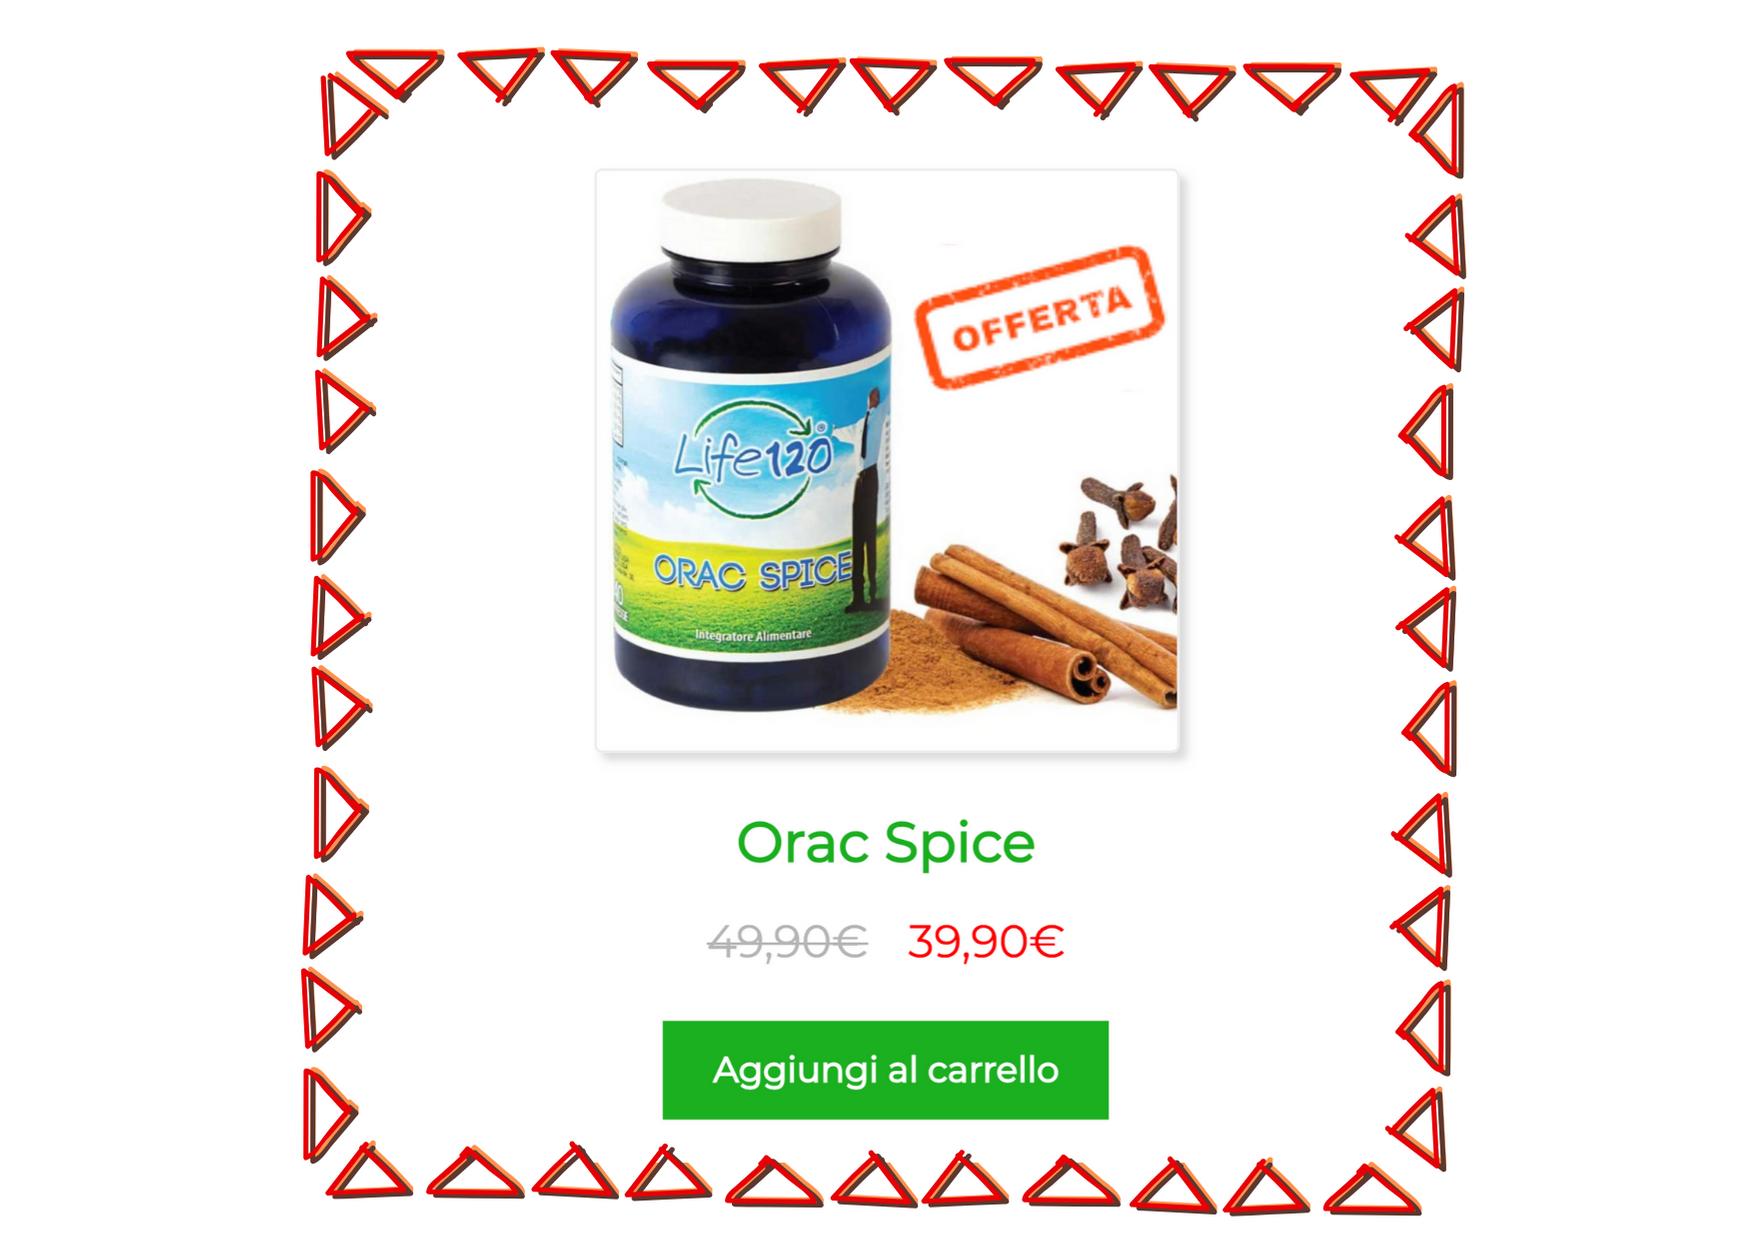 Orac Spice integratori stile di vita Life120 con Curcuma Zenzero Pepe in offerta sconto 25%